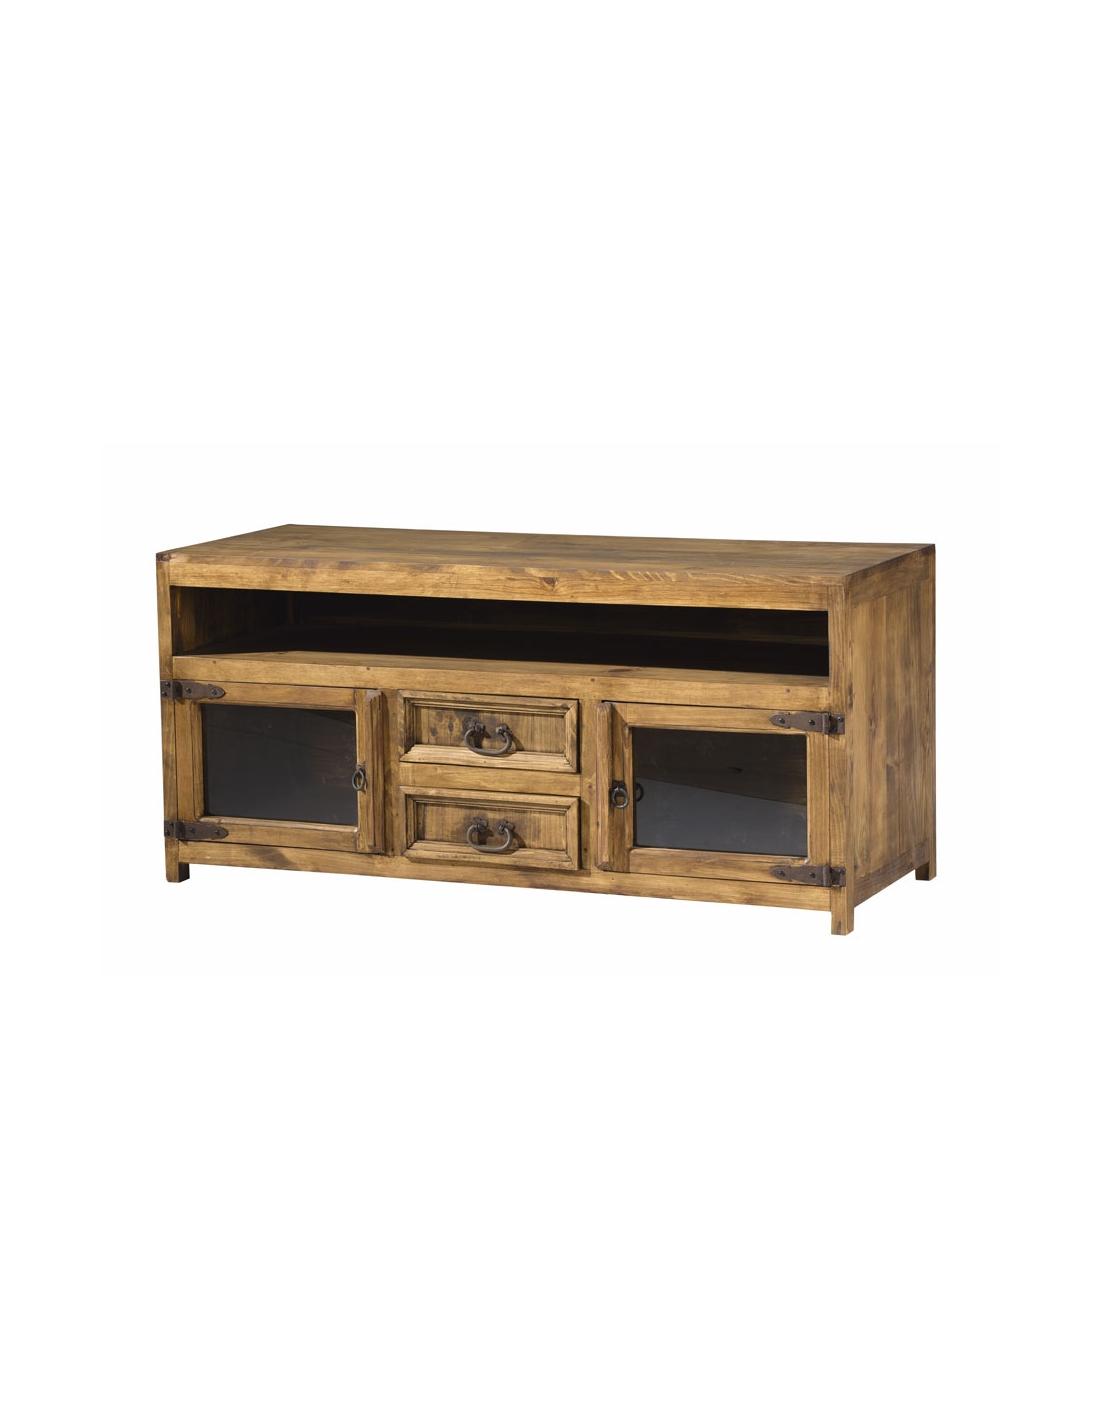 Comprar mueble tv de madera estilo rustico modelo 255 - Muebles estilo rustico ...